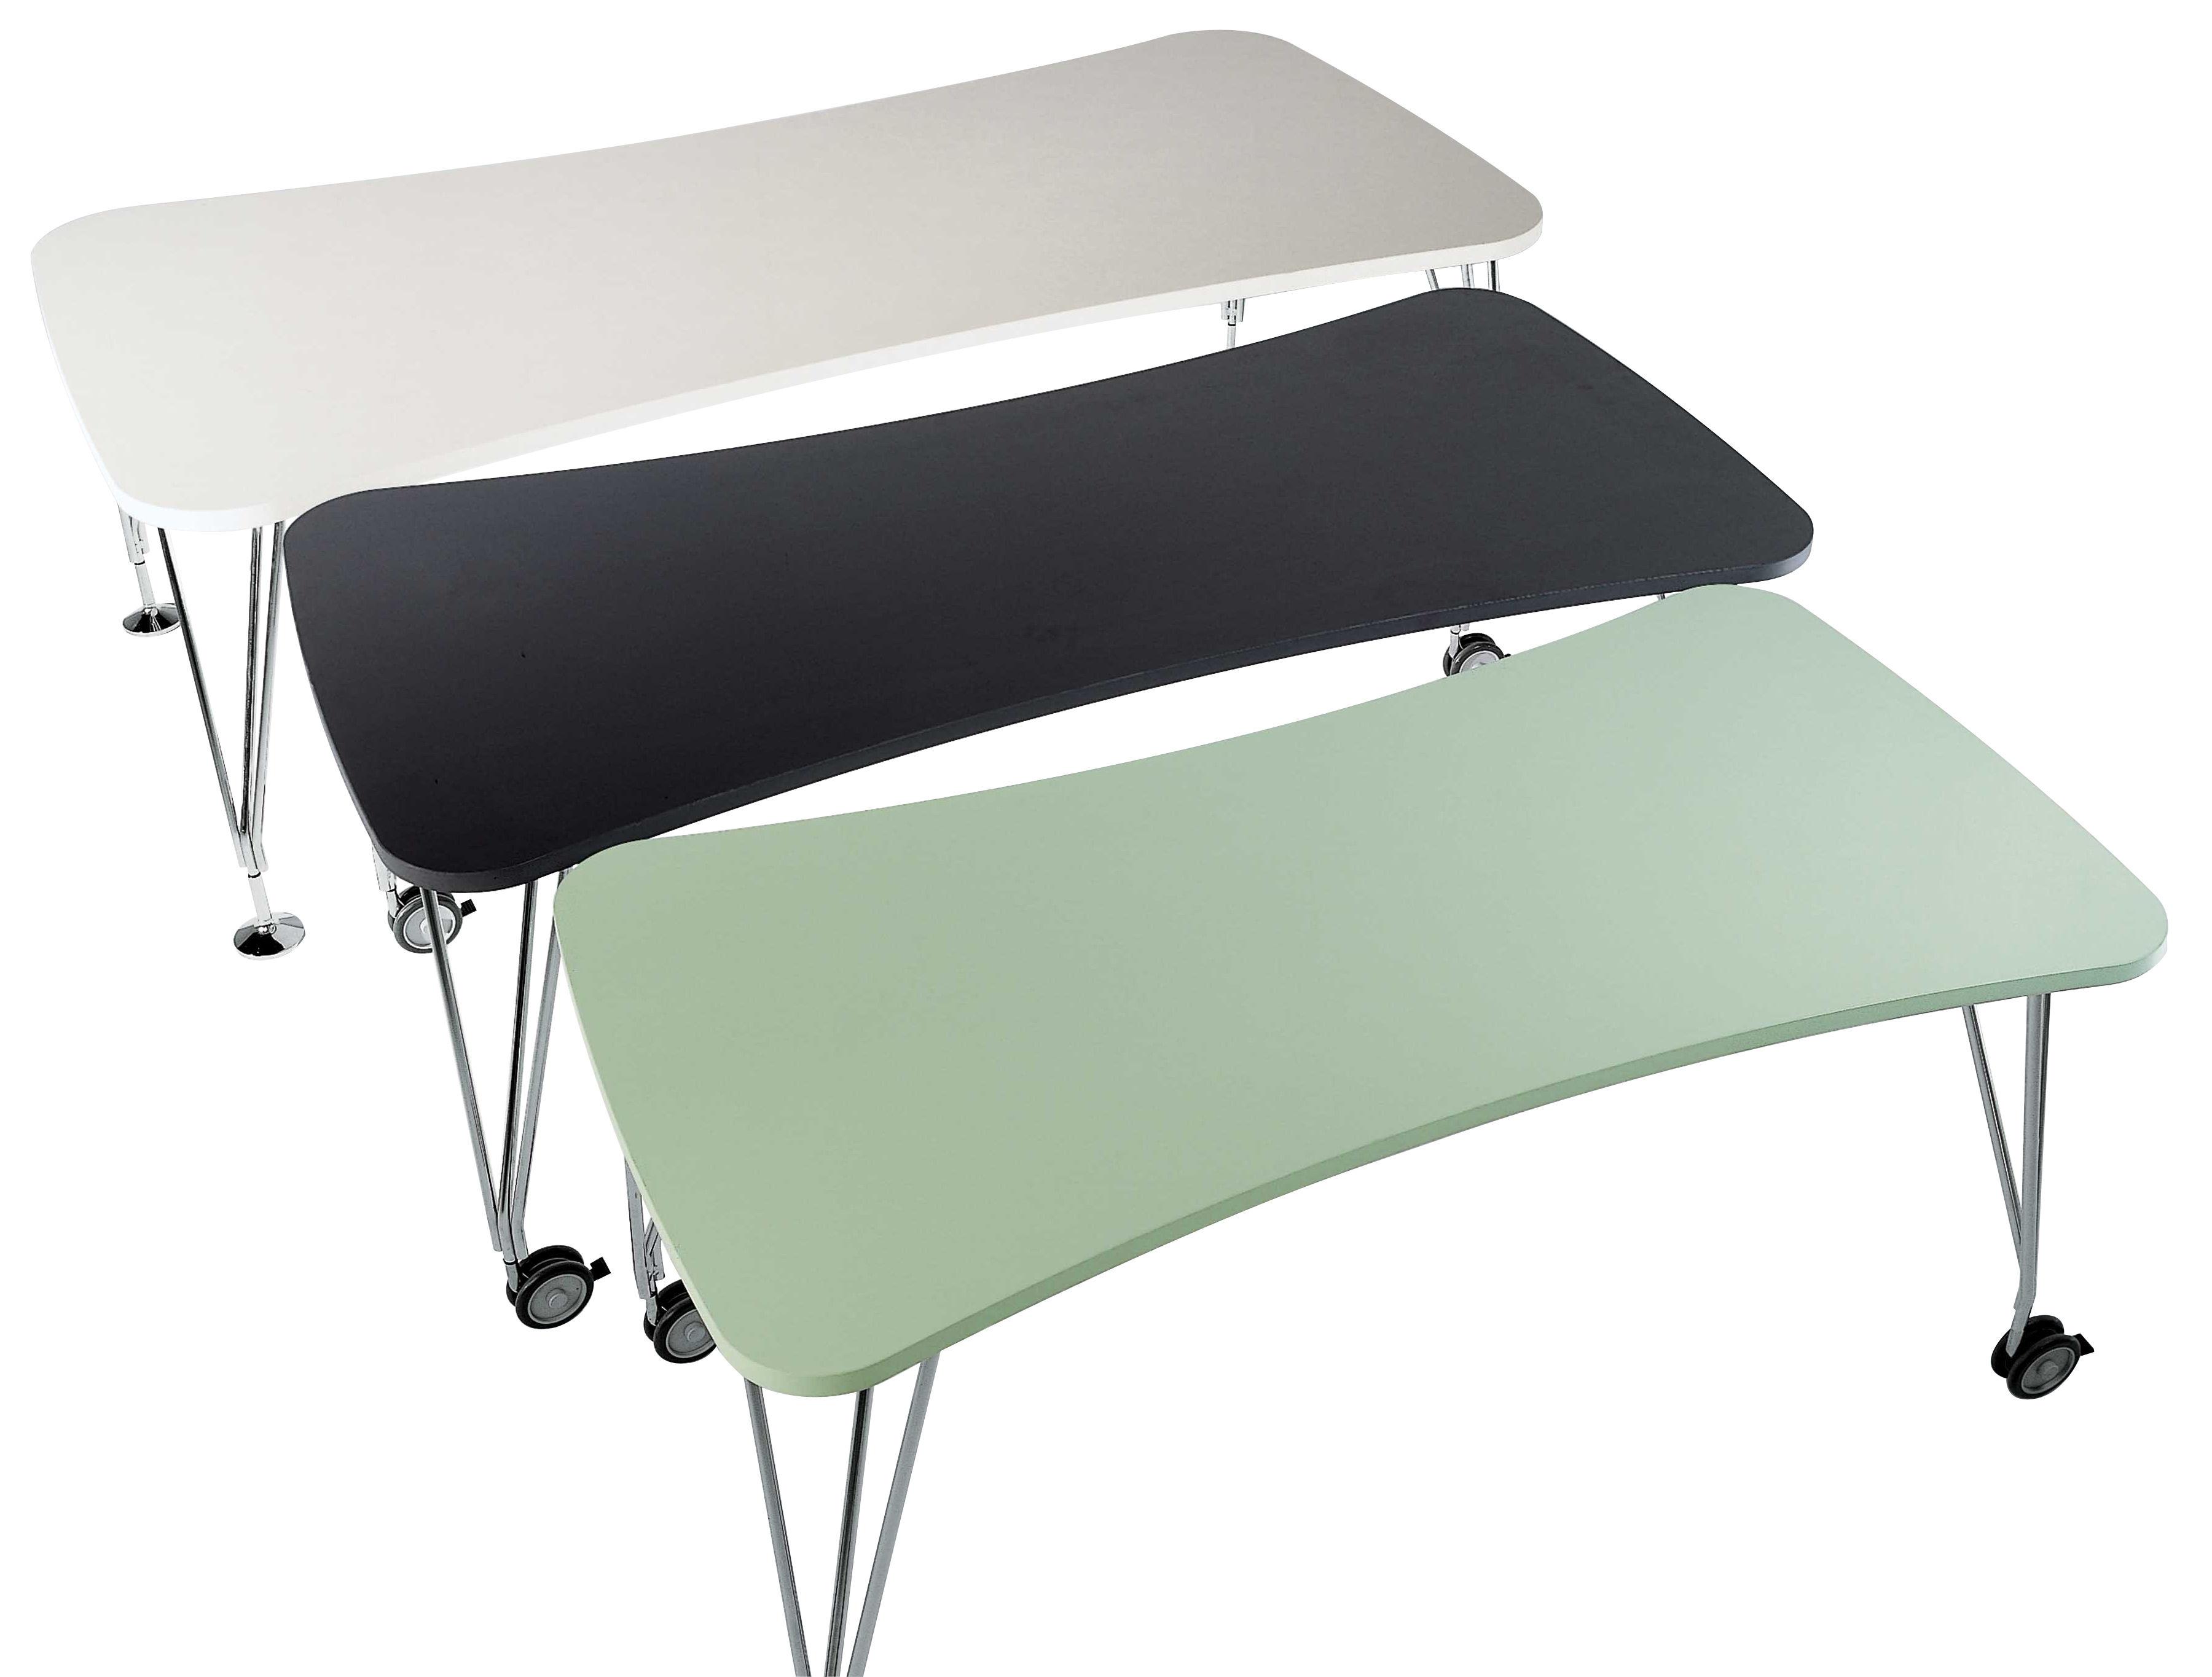 Mobilier - Mobilier Ados - Table rectangulaire Max / Bureau - Roulettes - L 160 cm - Kartell - Blanc - Acier chromé, Laminé